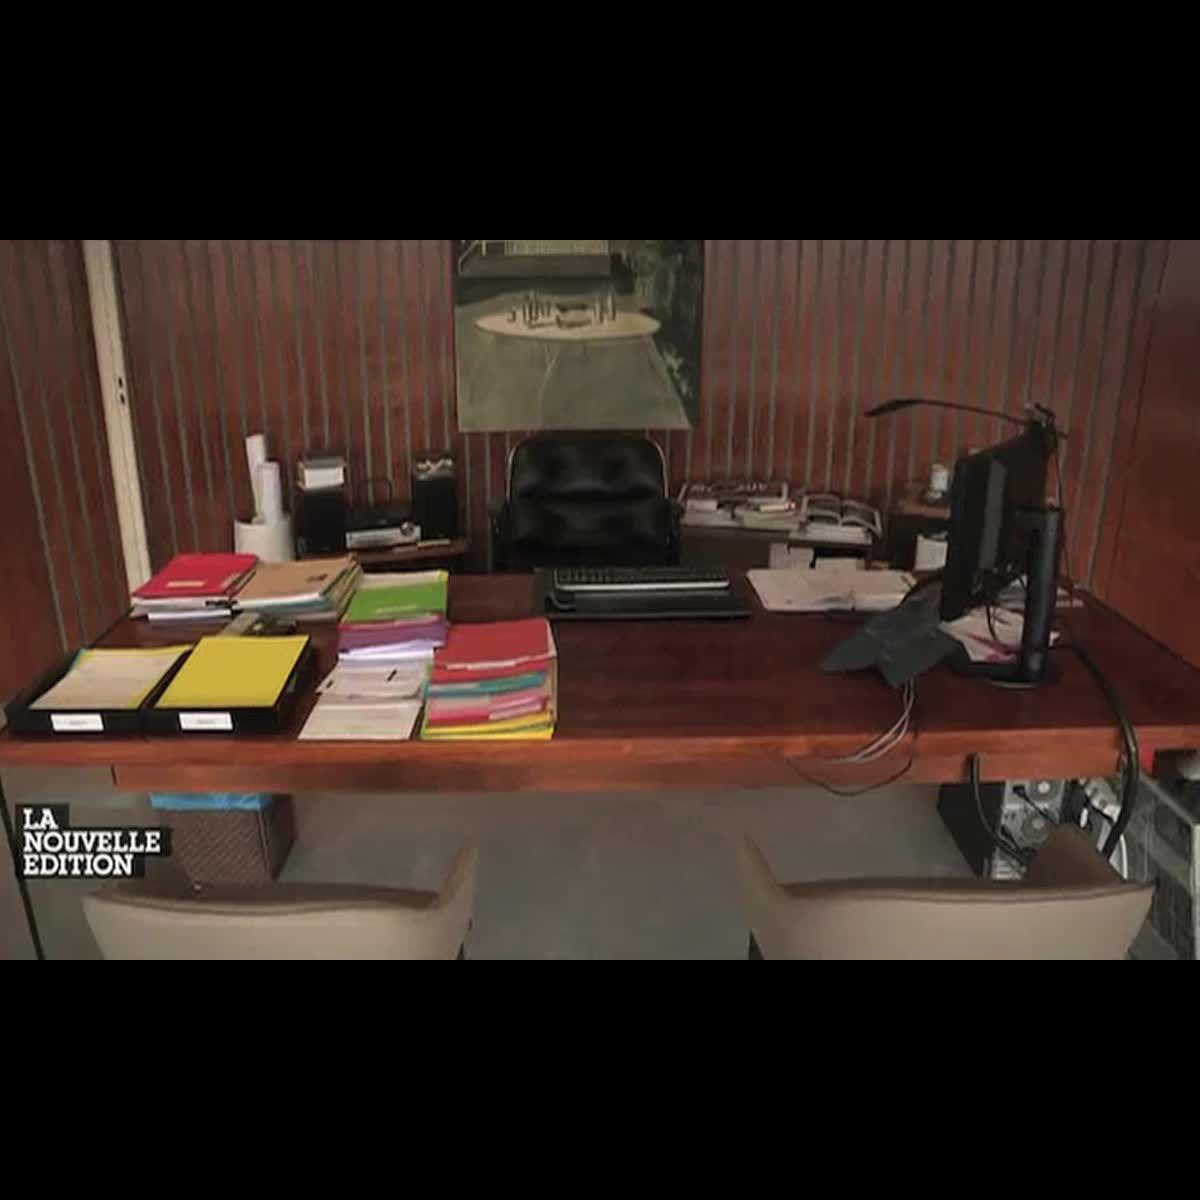 visite guid e dans le nouveau bureau de mathieu gallet apr s les travaux puremedias. Black Bedroom Furniture Sets. Home Design Ideas